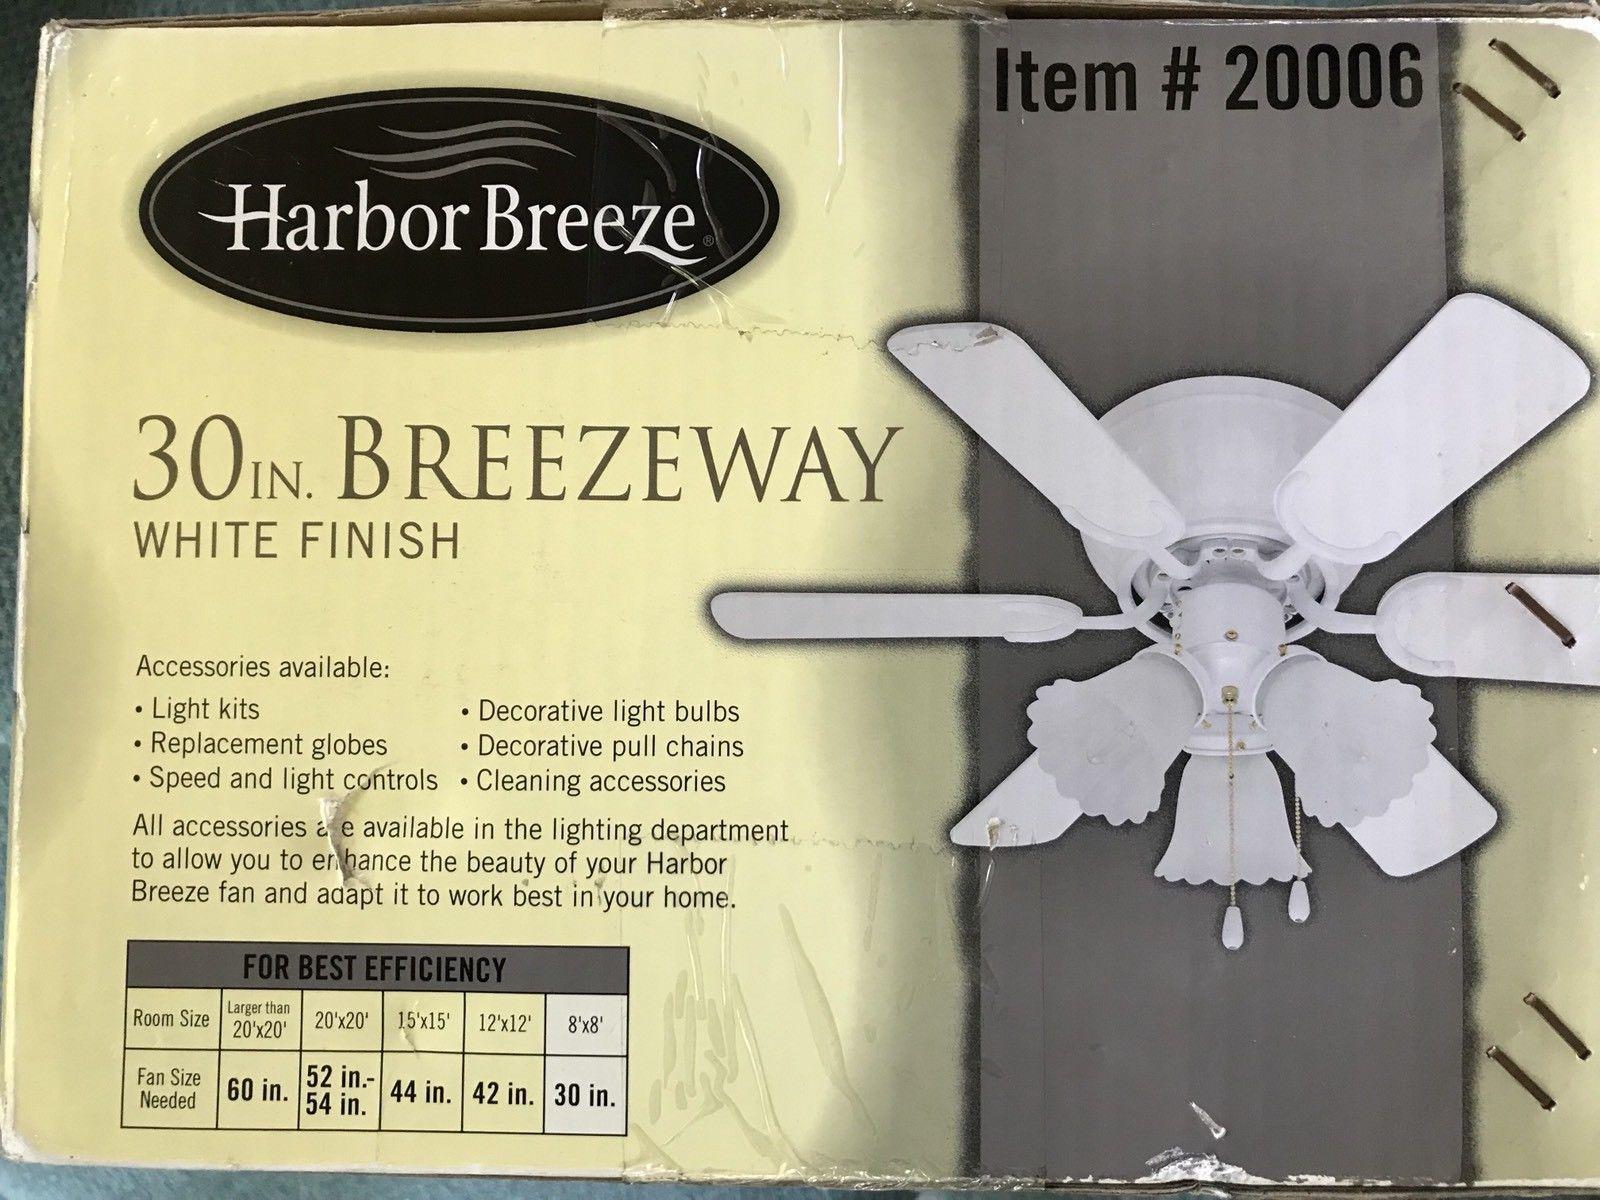 Harbor Breeze 30 Inch Breezeway Ceiling